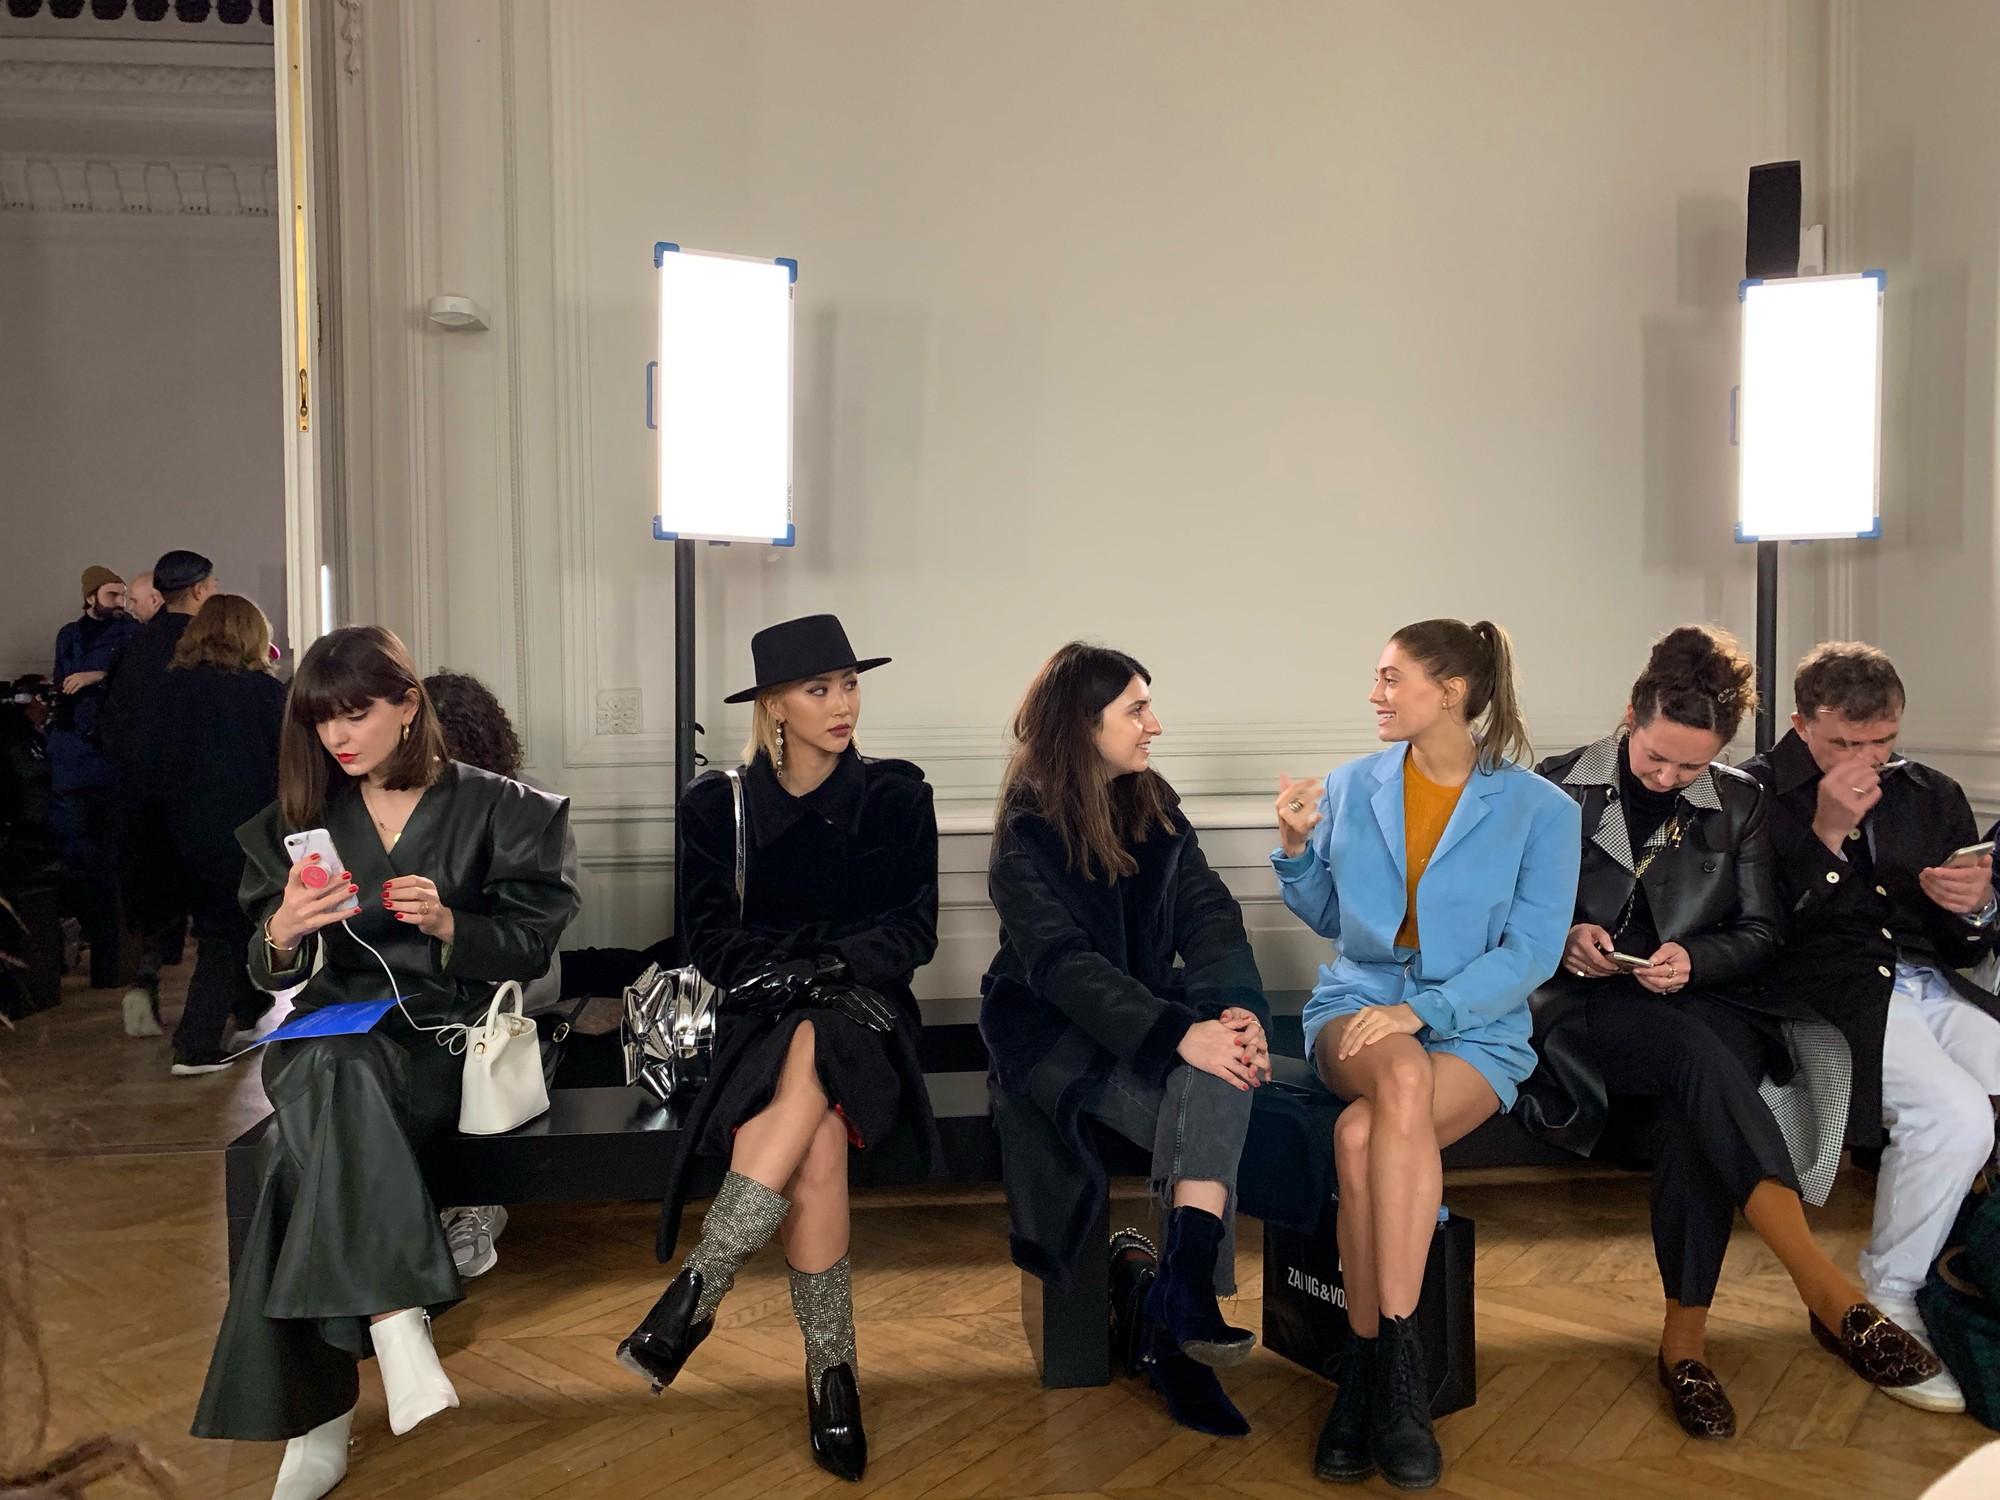 Xét khoản mặc dị tại Paris Fashion Week mùa này, Quỳnh Anh Shyn mà nhận hạng 2 chắc không ai dám làm số 1 - Ảnh 4.